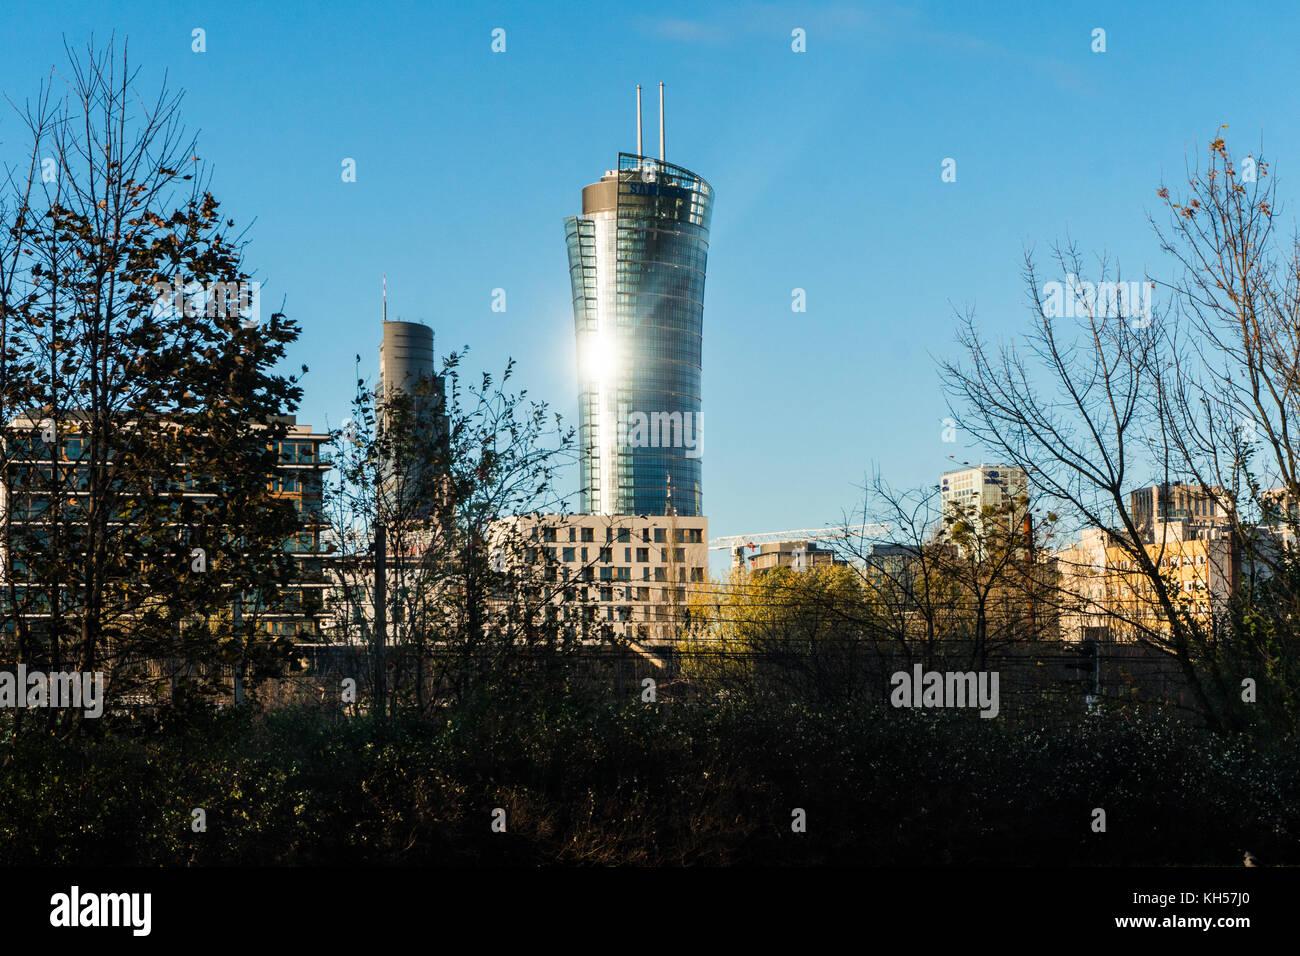 Varsovia, Polonia - noviembre 2017. golden terrazas, zlota 44 rascacielos, torres de Varsovia, el hotel intercontinental, Imagen De Stock